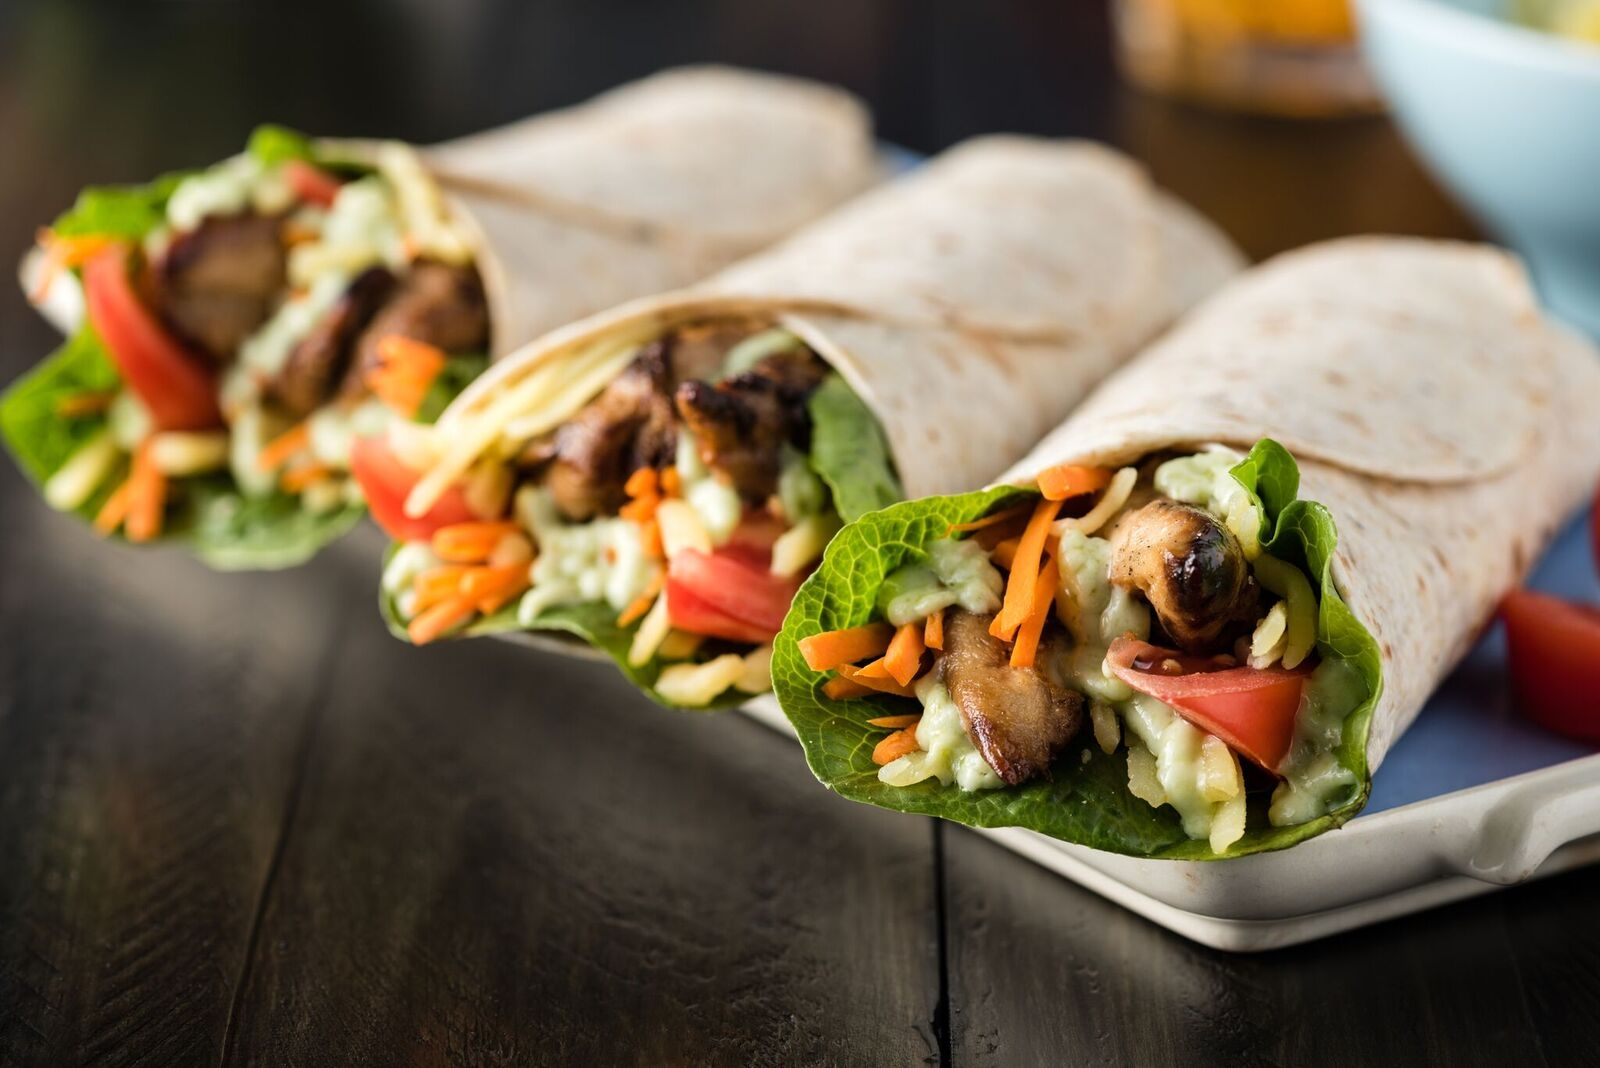 Tex-Mex Burrito